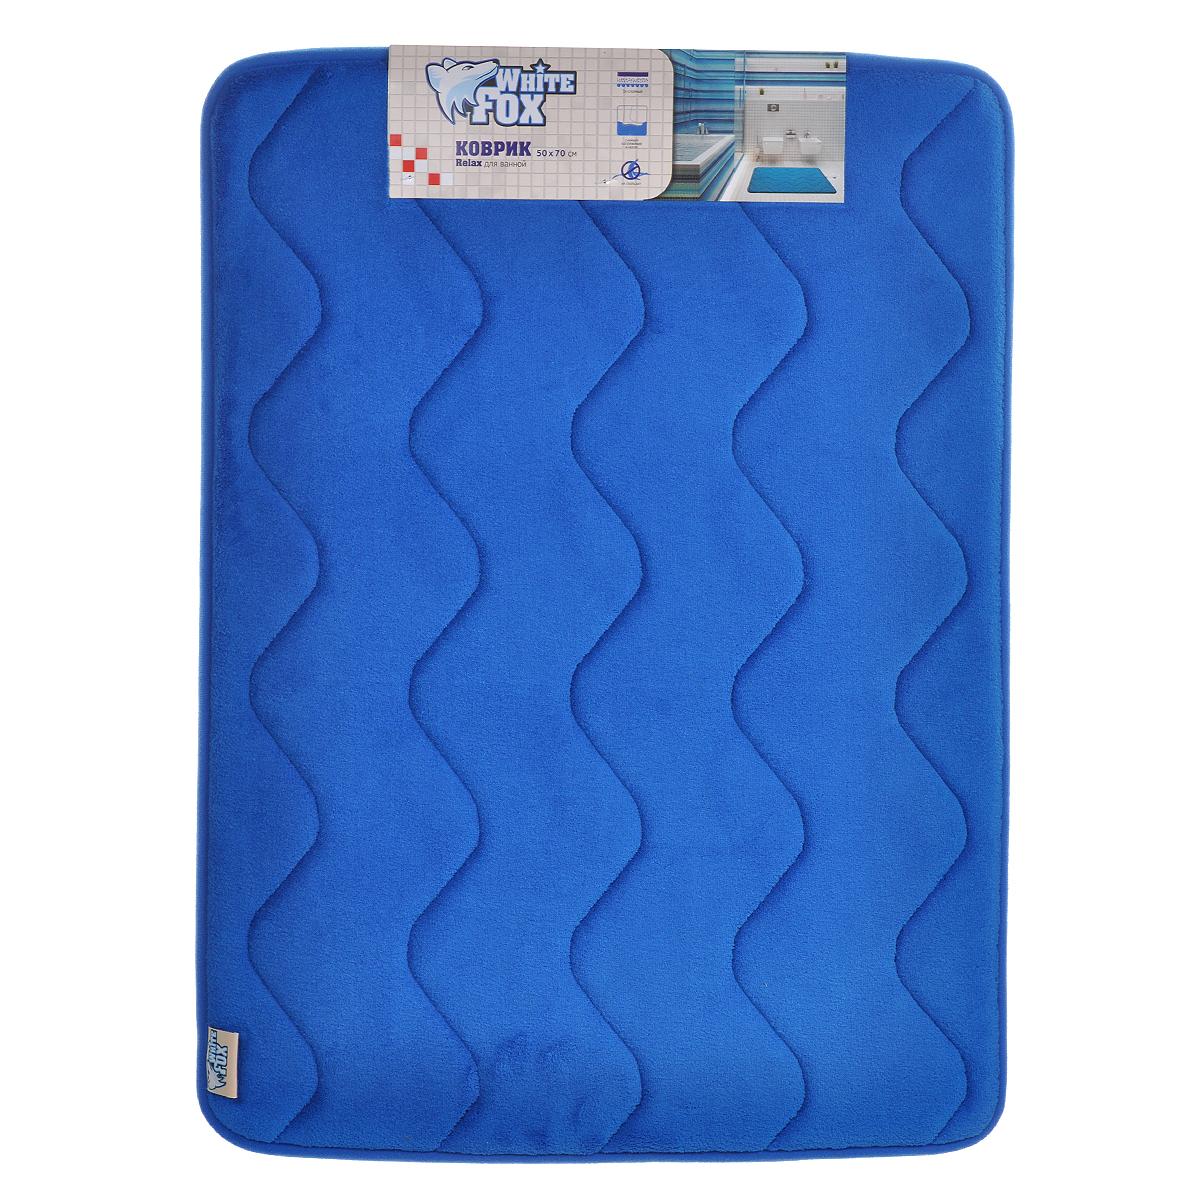 Коврик для ванной White Fox Relax. Волна, цвет: синий, 50 х 70 смWBBM20-136Коврик для ванной White Fox Relax. Волна подарит настоящий комфорт до и после принятия водных процедур. Коврик состоит из трех слоев: - верхний флисовый слой прекрасно дышит, благодаря чему коврик быстро высыхает; - основной слой выполнен из специального вспененного материала, который точно повторяет рельеф стопы, создает комфорт и полностью восстанавливает первоначальную форму; - нижний резиновый слой препятствует скольжению коврика на влажном полу. Коврик White Fox Relax. Волна равномерно распределяет нагрузку на всю поверхность стопы, снимая напряжение и усталость в ногах. Рекомендации по уходу: - ручная стирка; - не отбеливать; - не гладить; - можно подвергать химчистке; - деликатные отжим и сушка.